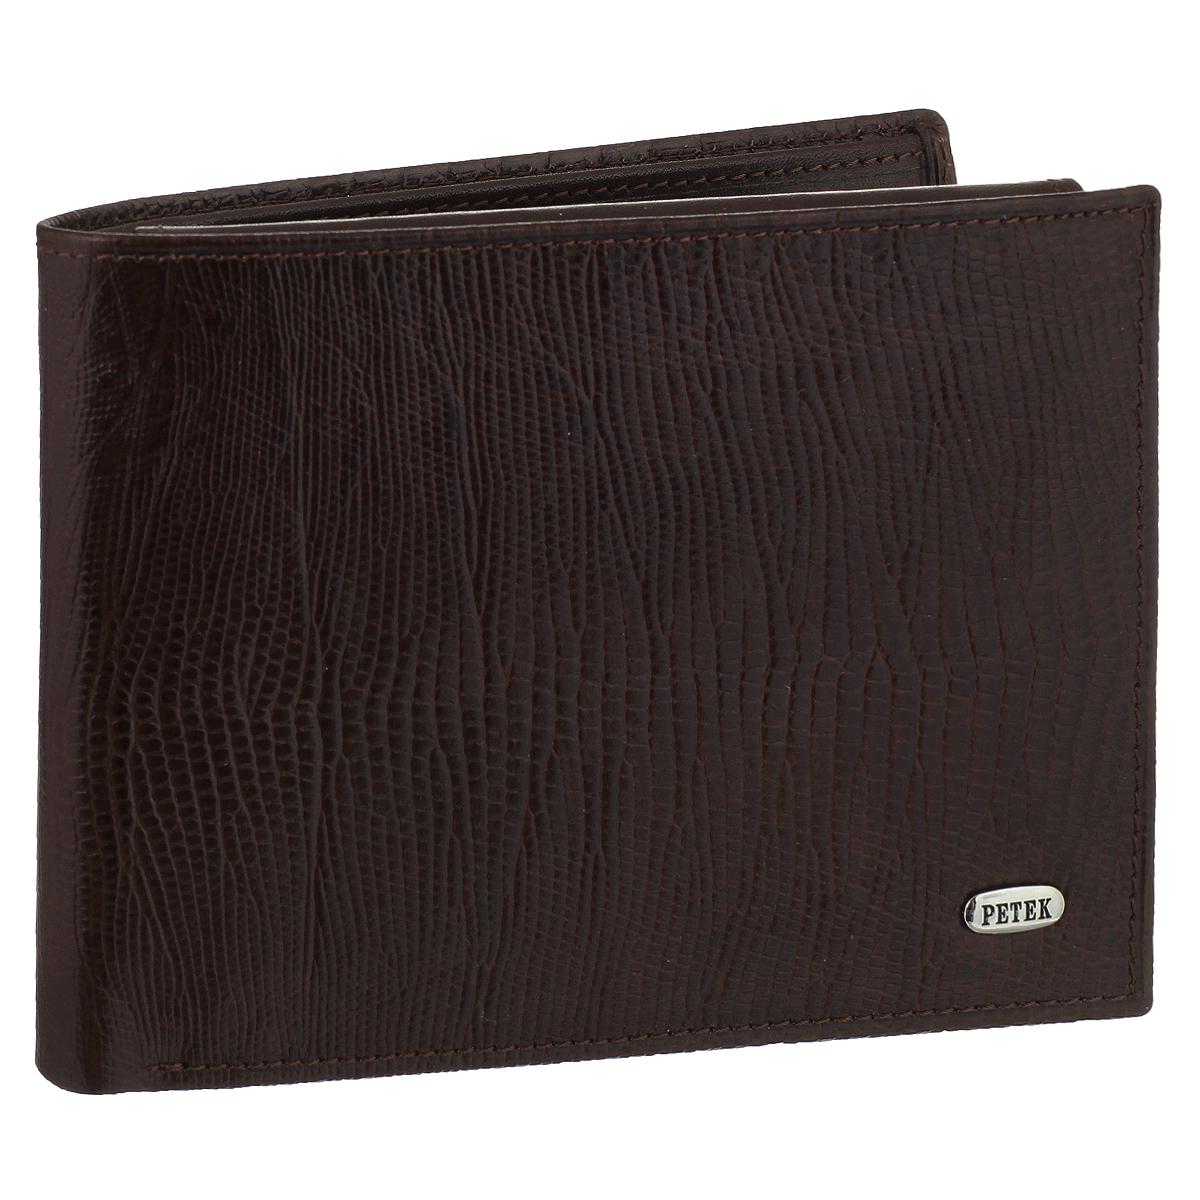 Портмоне Petek, цвет: темно-коричневый. 169.041.02BM8434-58AEСтильное портмоне Petekвыполнено из натуральной кожи с декоративным тиснением под питона.Внутри - два отделения для купюр, 12 наборных кармашков для пластиковых карт, карман с сетчатой вставкой для фото и четыре кармана для мелких бумаг и чеков. Изделие упаковано в коробку с логотипом брэнда. Такое портмоне станет замечательным подарком человеку, ценящему качественные и полезные вещи.